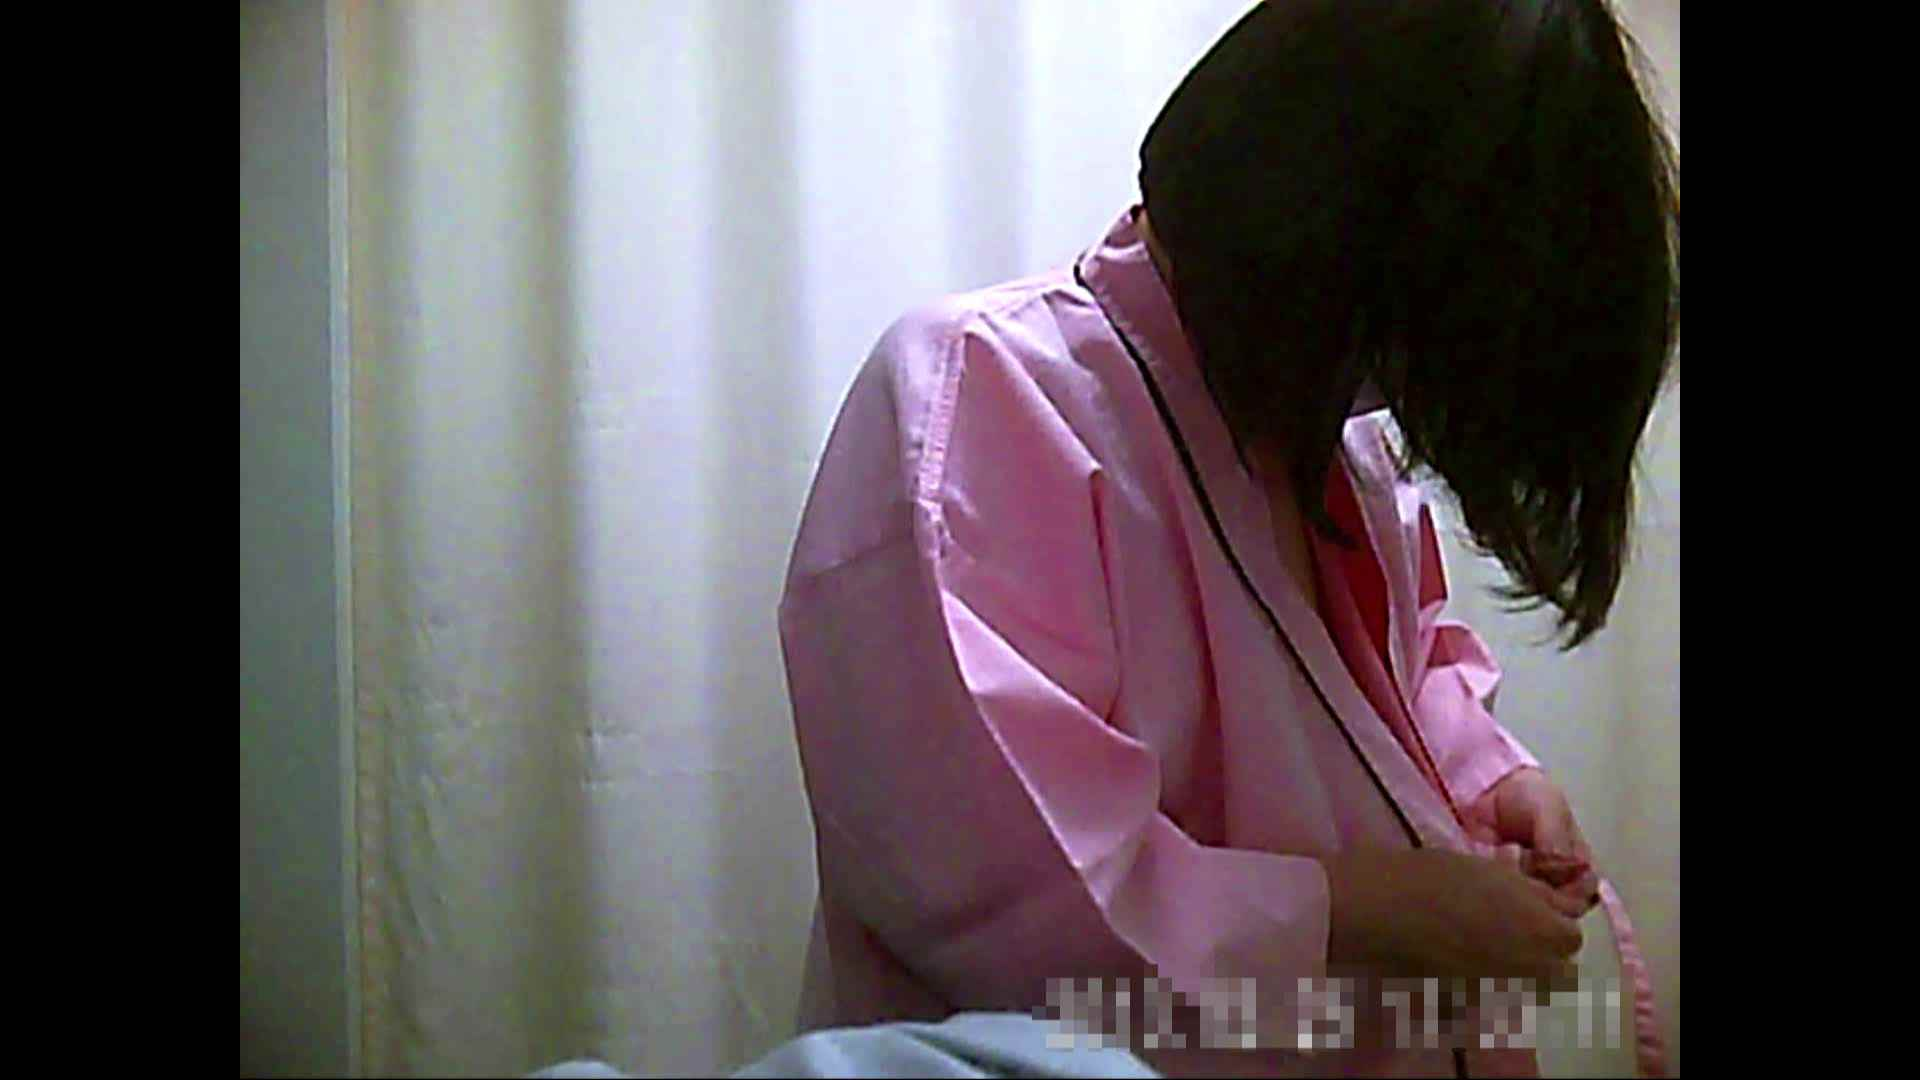 病院おもいっきり着替え! vol.191 OLの実態 盗撮セックス無修正動画無料 101pic 2